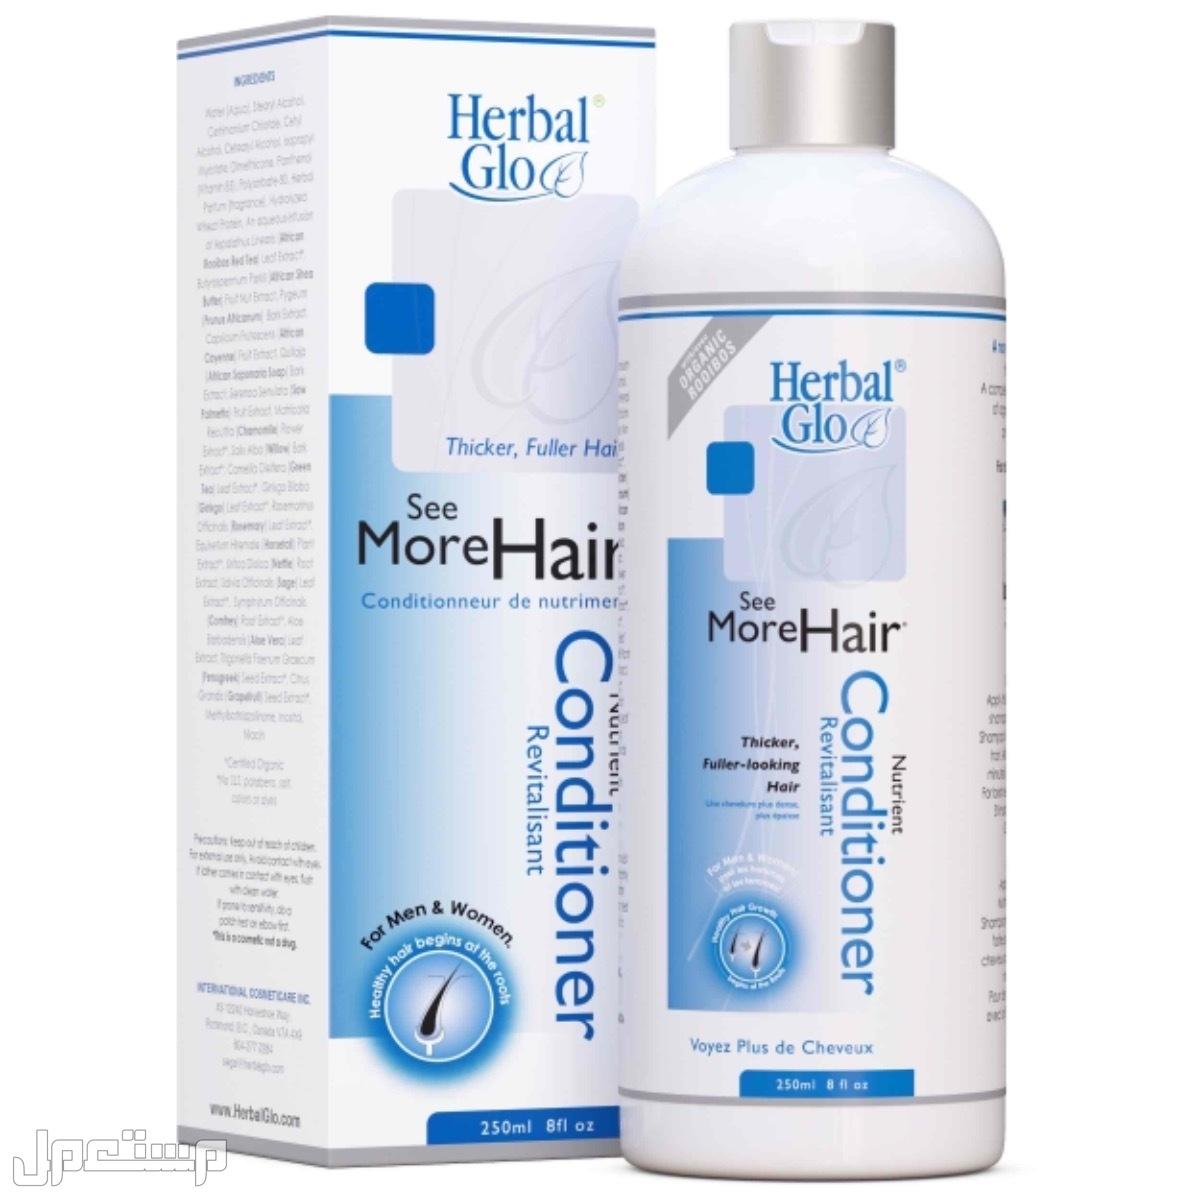 شامبو و بلسم هيربال جلو الطبي لتغذية الشعر